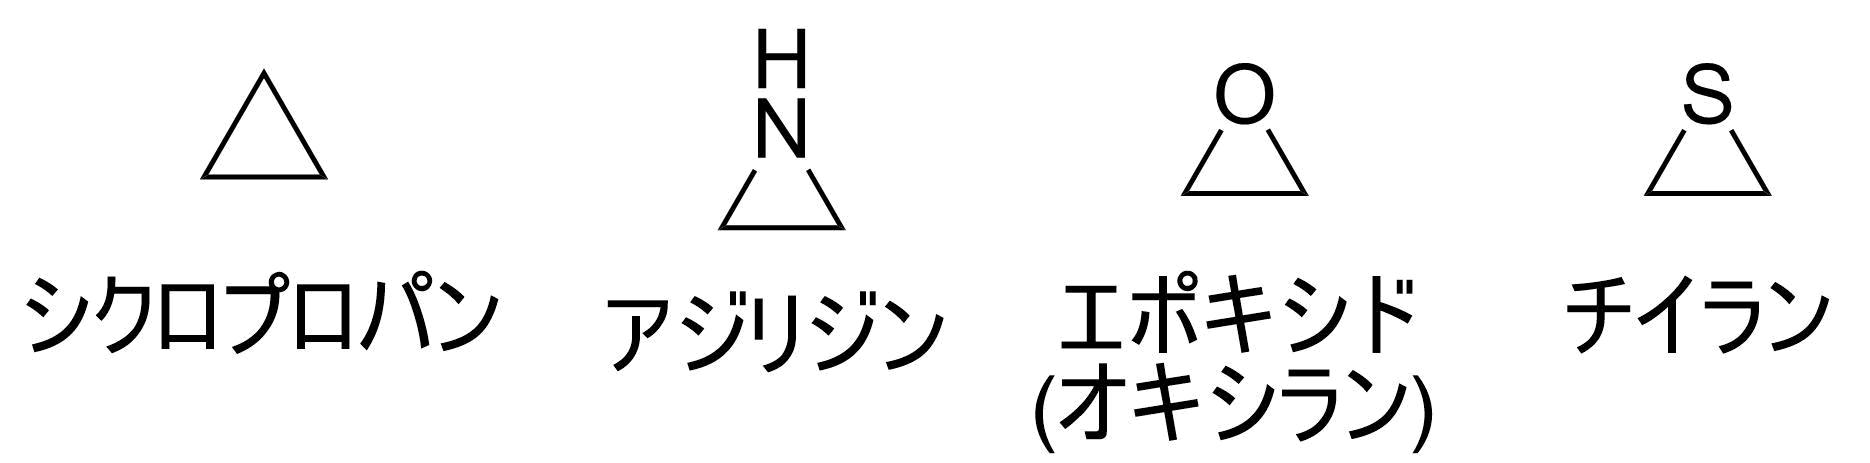 ヘテロ三員環化合物の構造